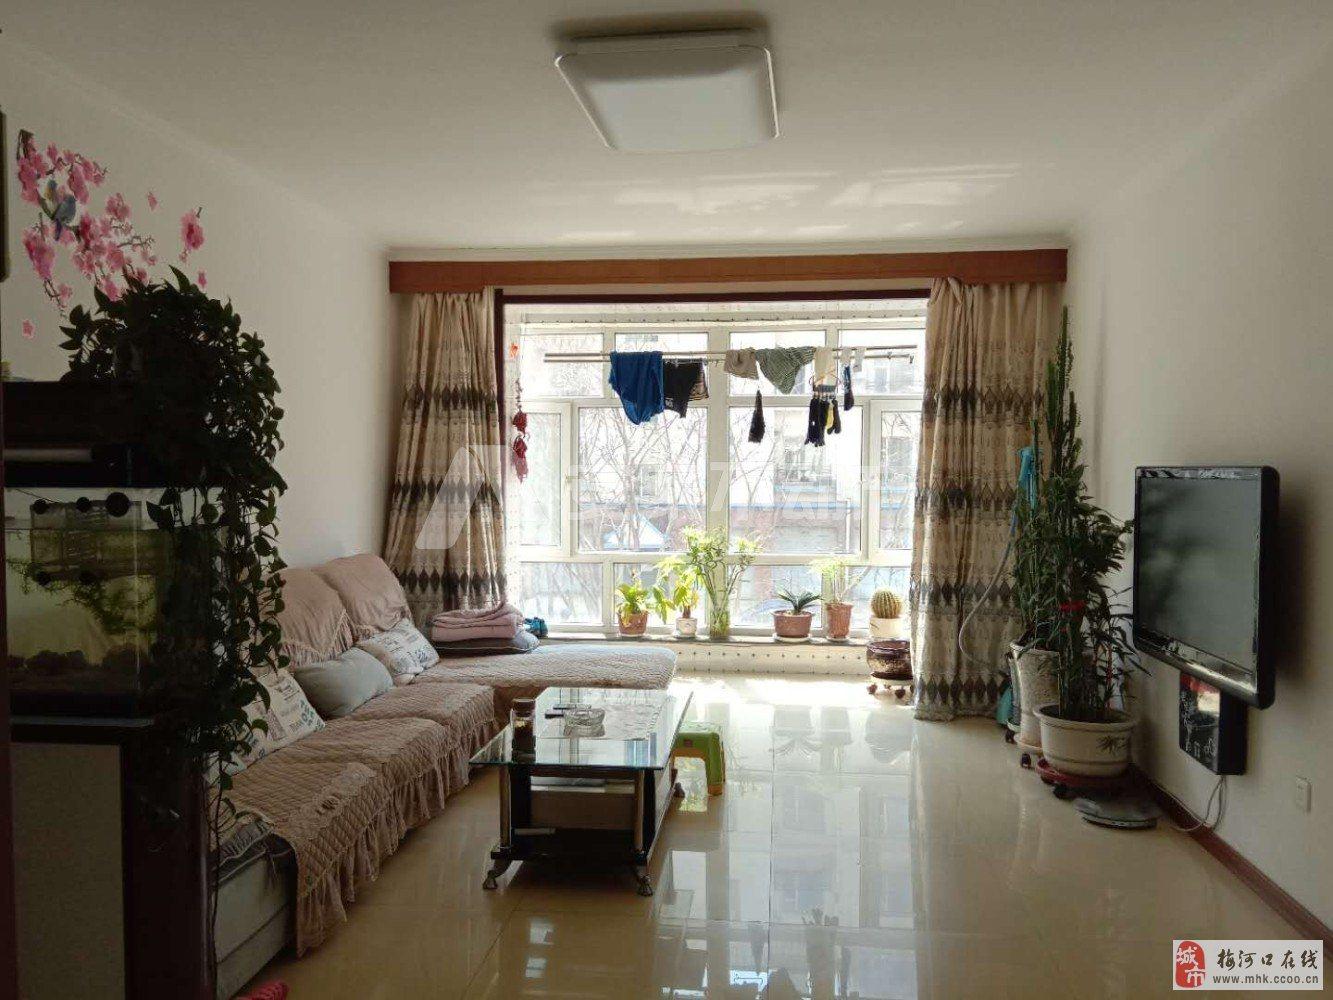 河畔花园2室2厅1卫45万元